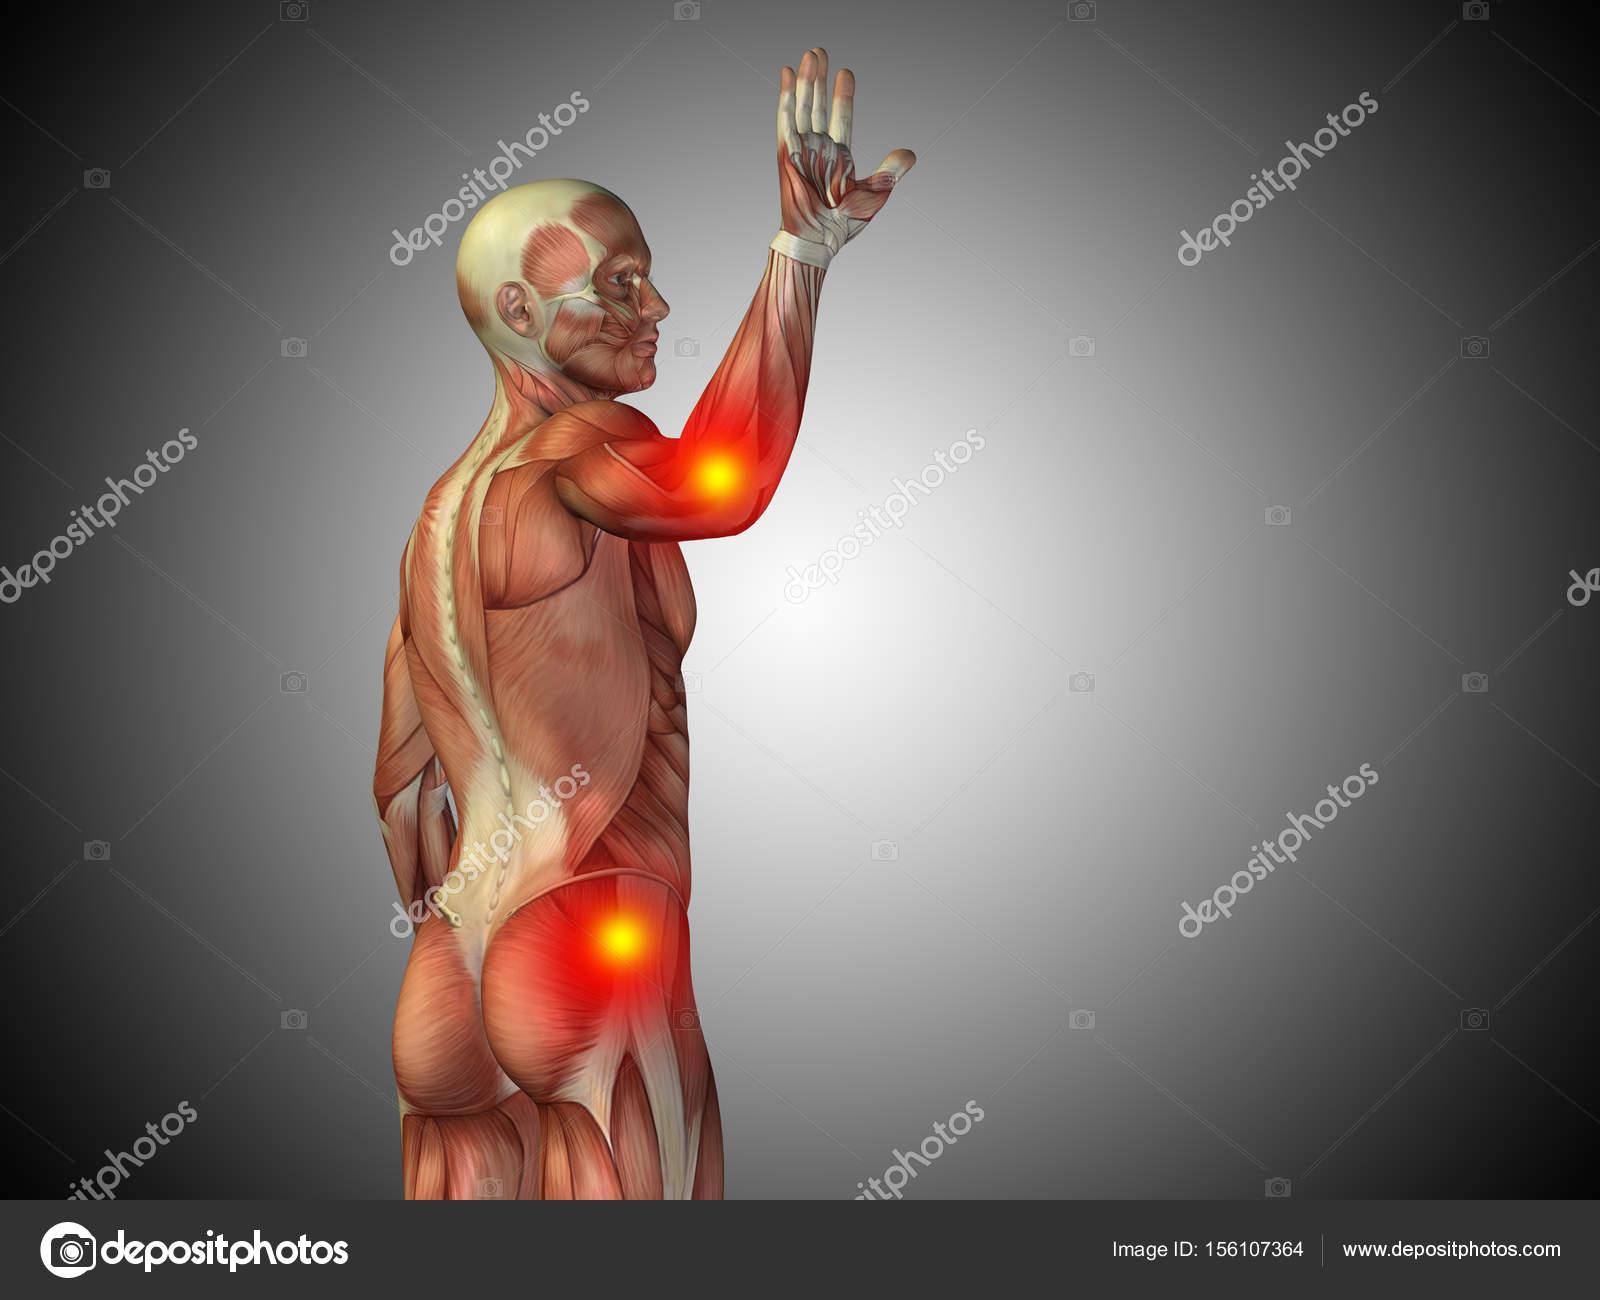 Anatomía de torso masculino — Foto de stock © design36 #156107364